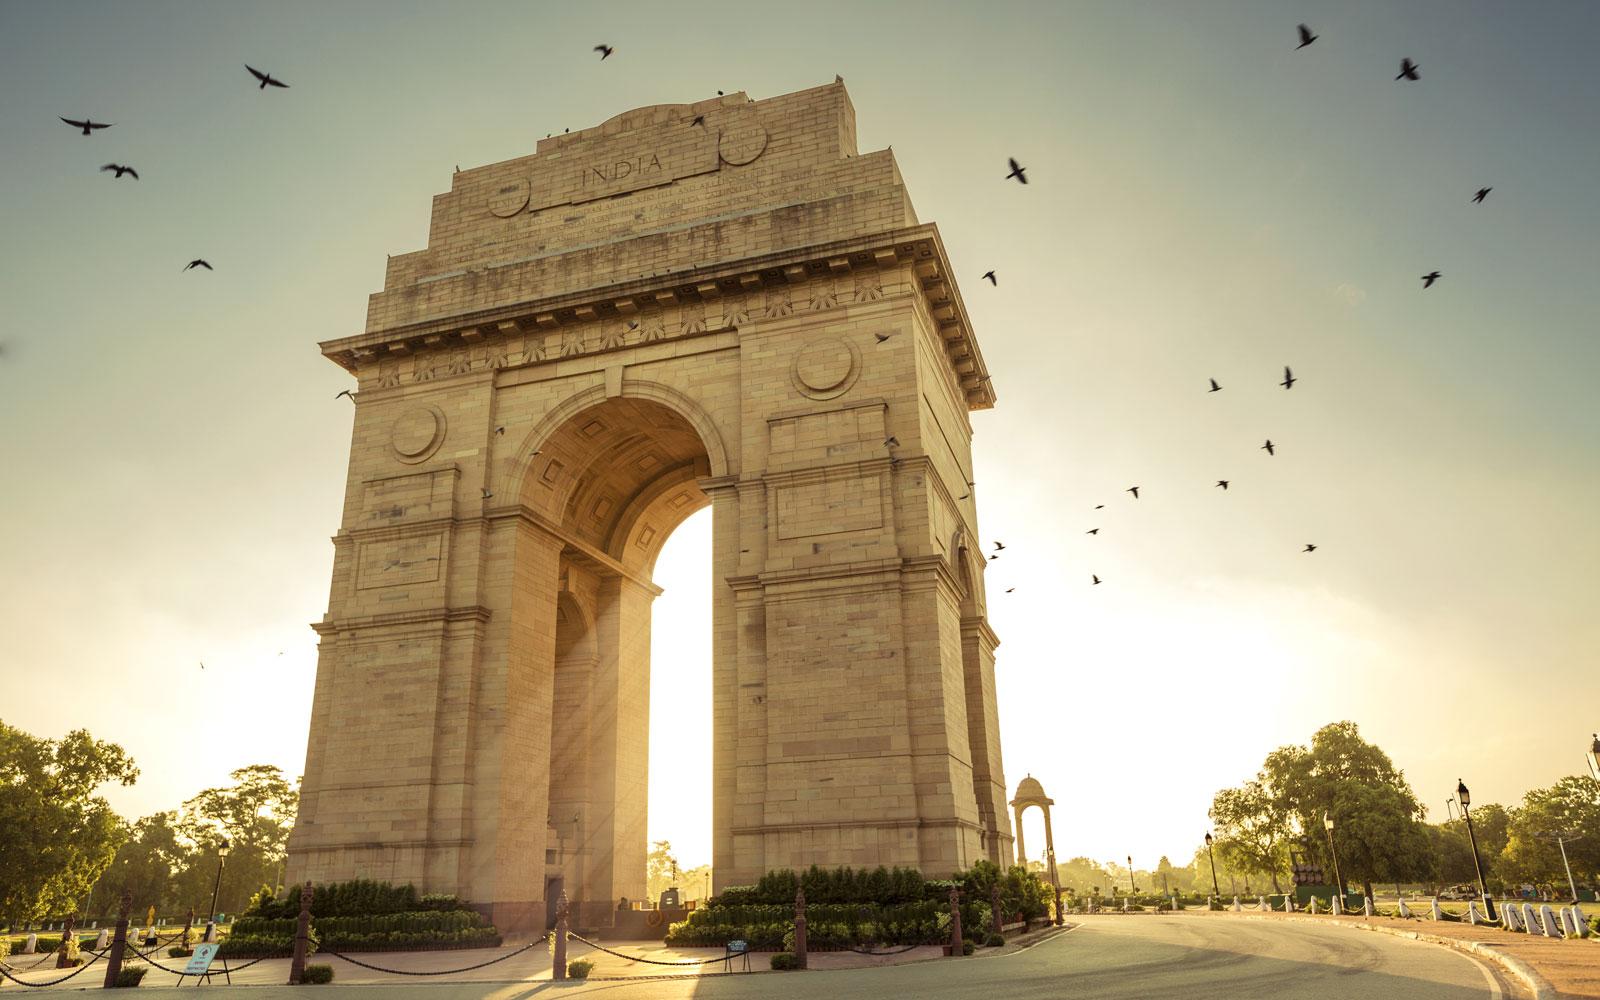 India Gate, Lutyen's Delhi.